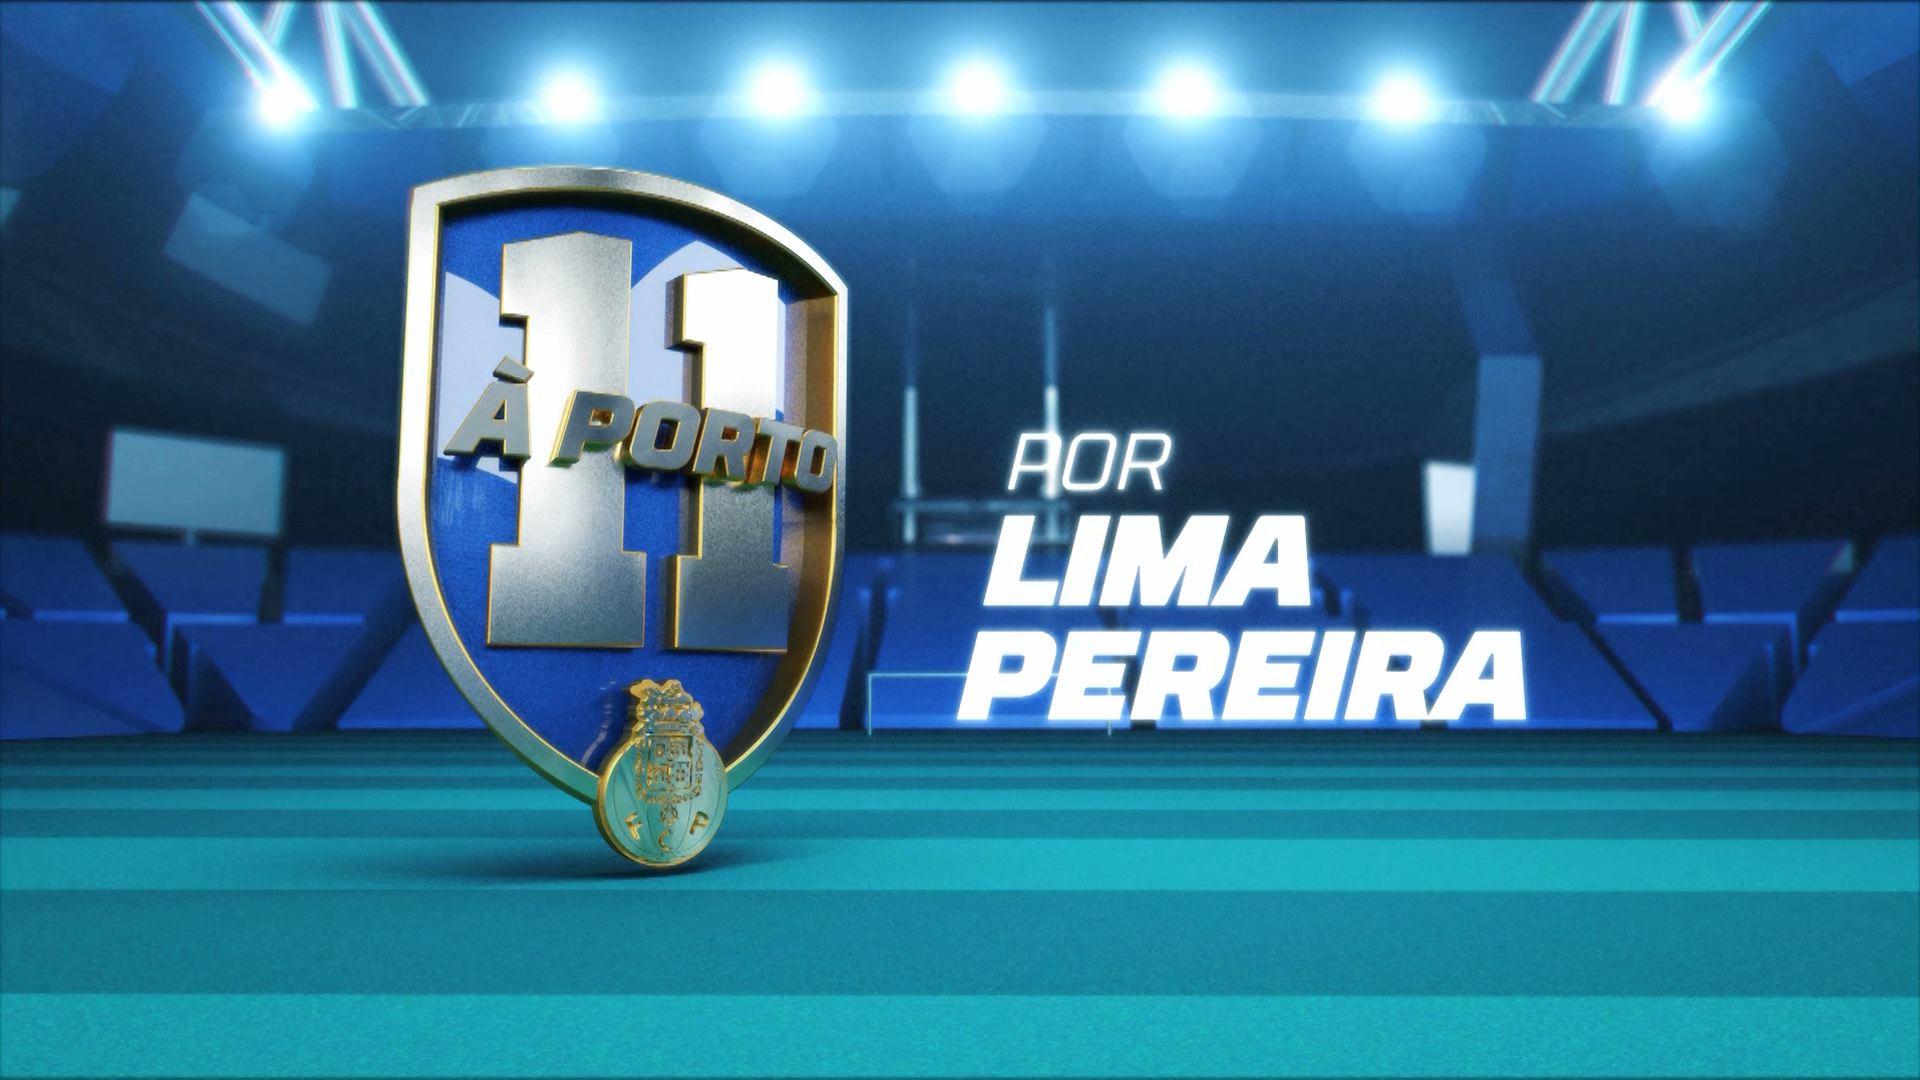 11 à Porto por Lima Pereira